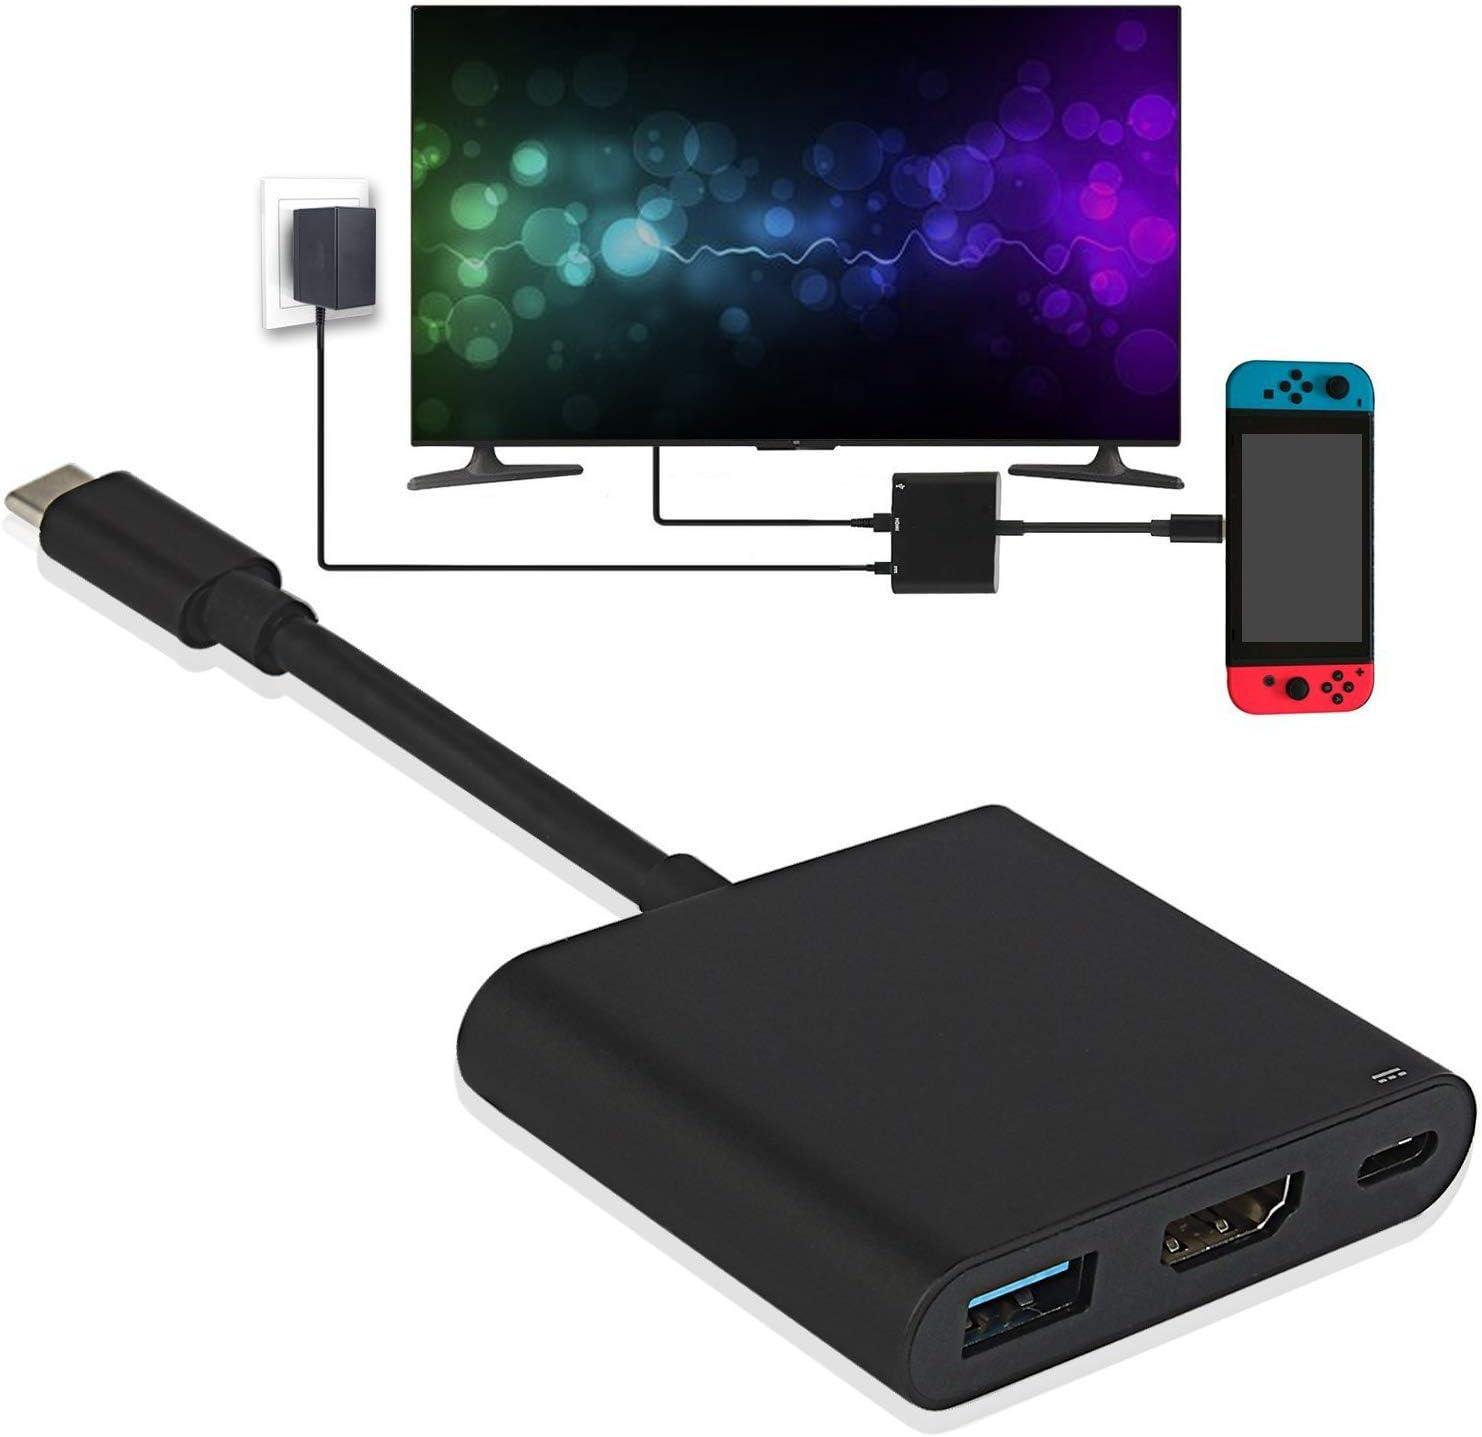 Nintendo Switch HDMI tipo C Hub adaptador, convertidor USB C Hub HDMI 1080P Cable para Nintendo Switch, MacBook Pro 2017, Samsung Galaxy S8 Plus, Google Pixel: Amazon.es: Electrónica